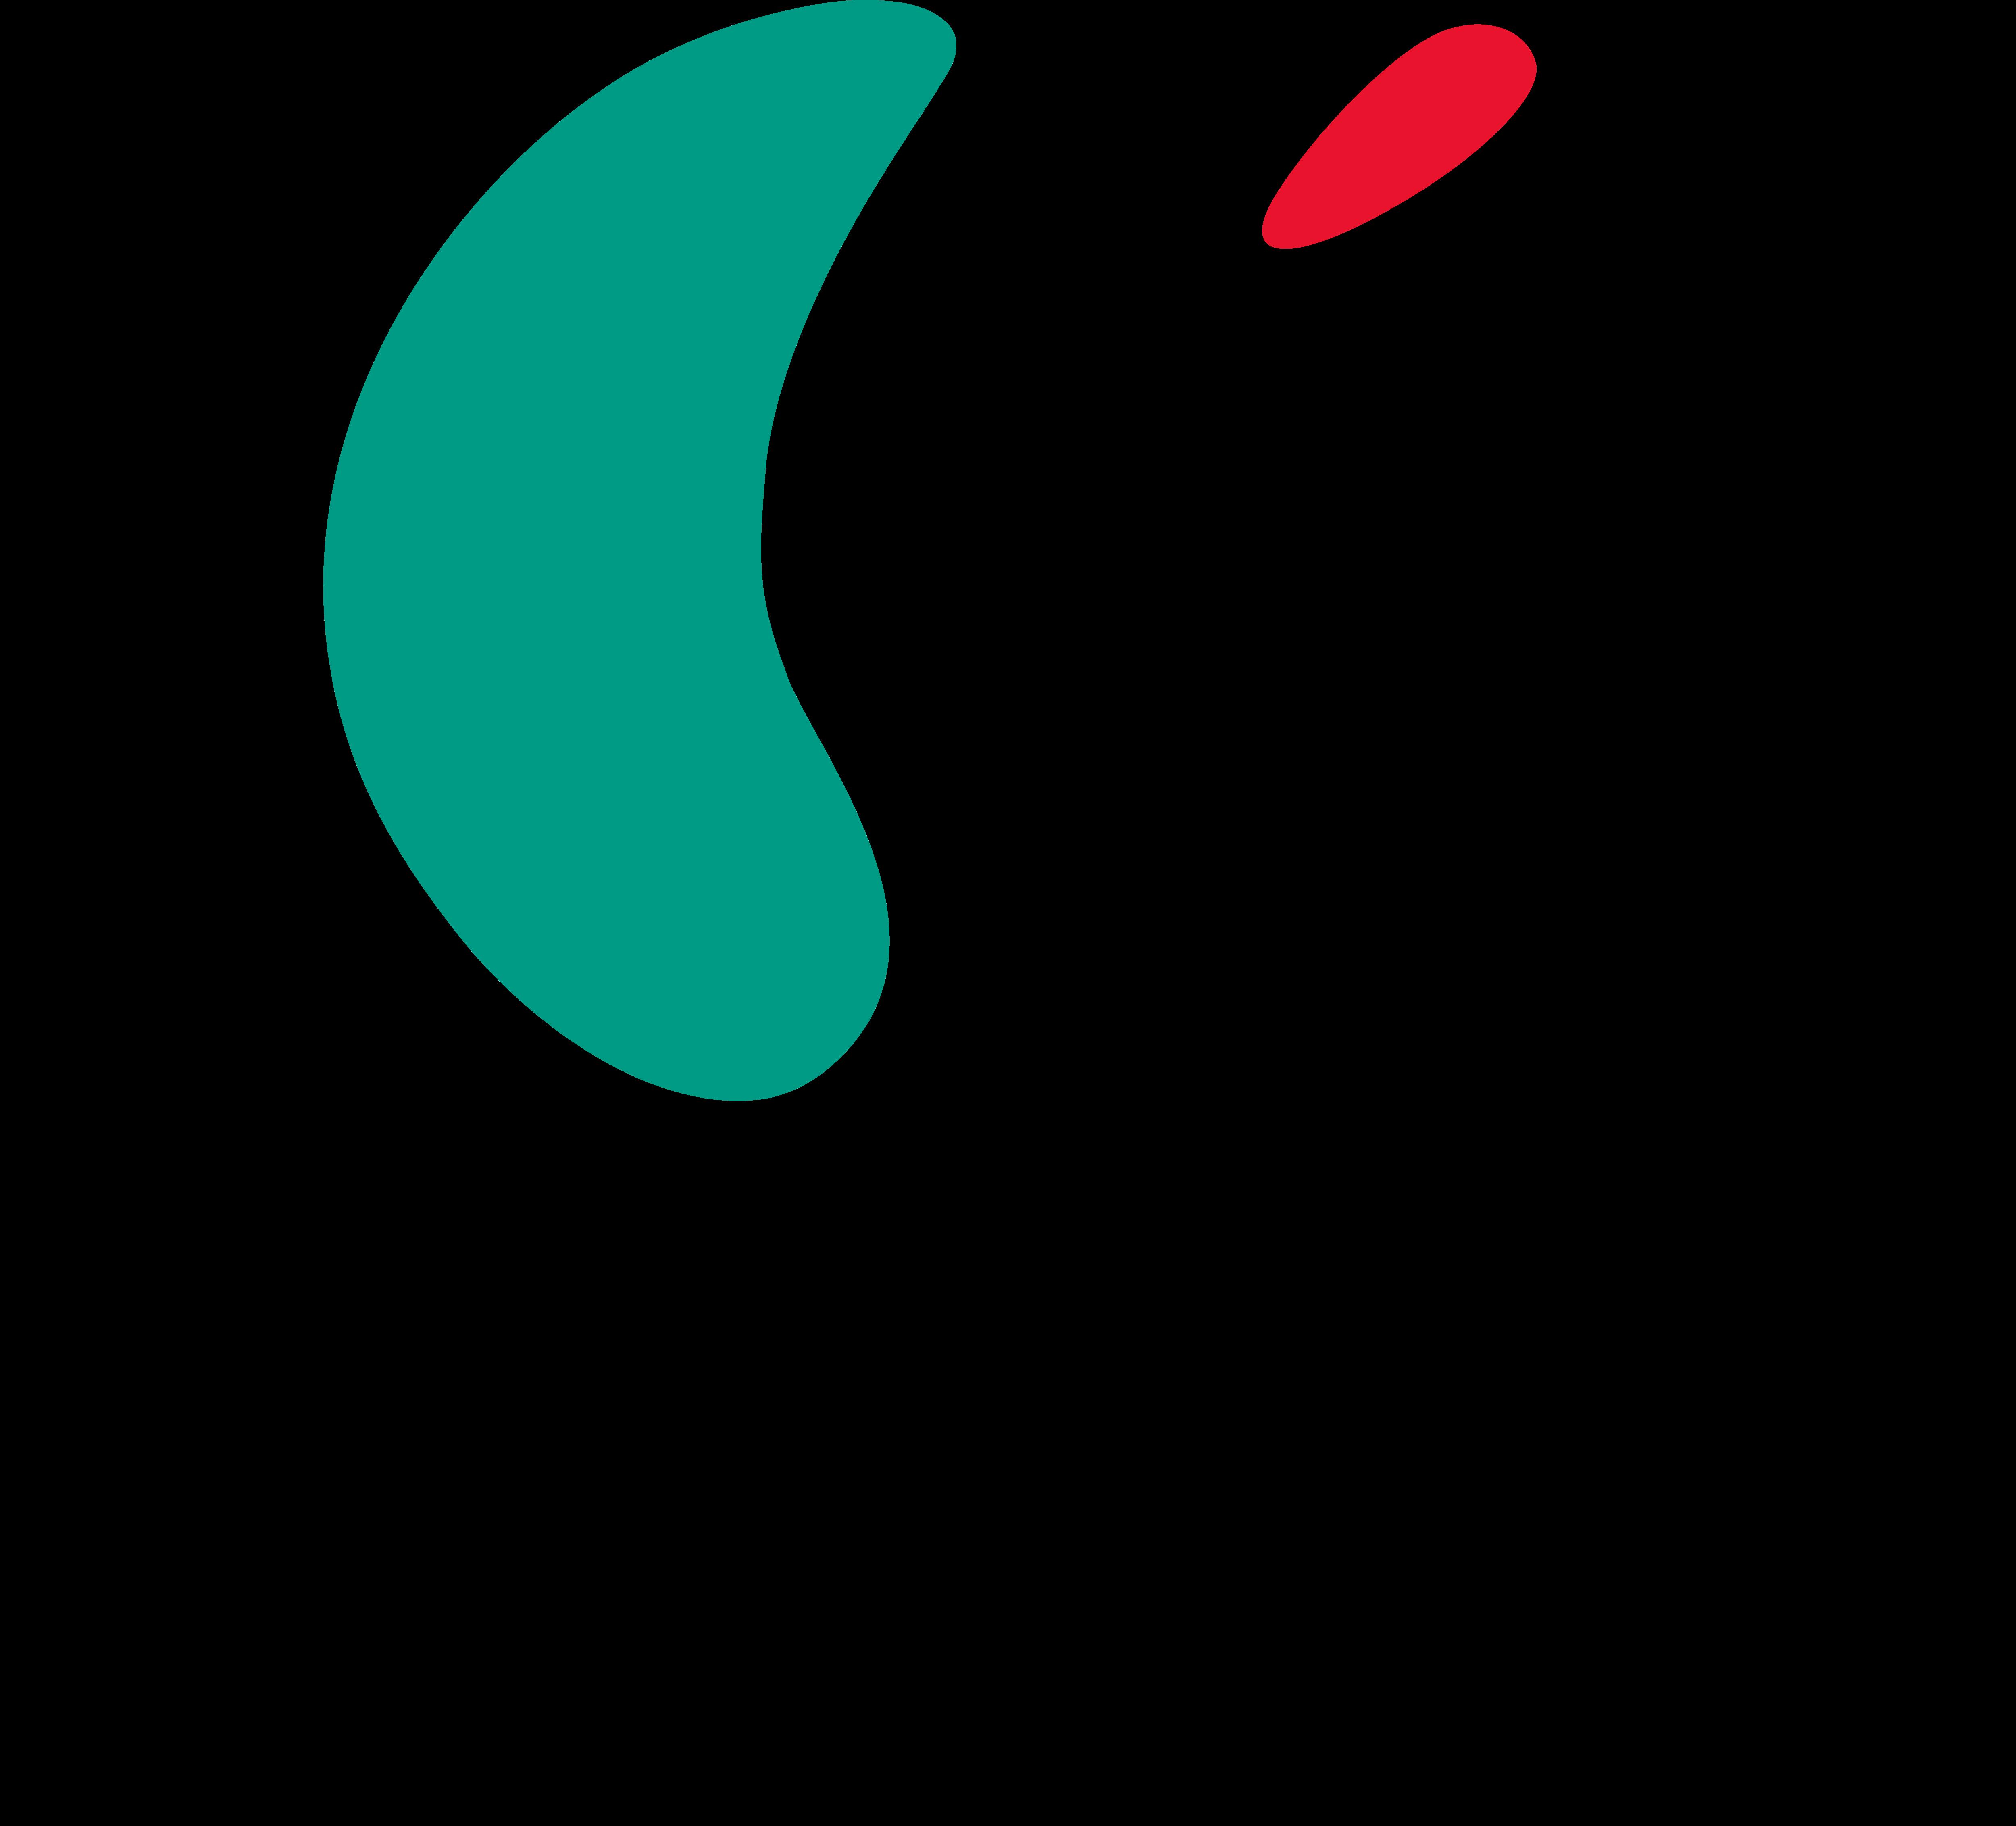 Logitech - Logos Download